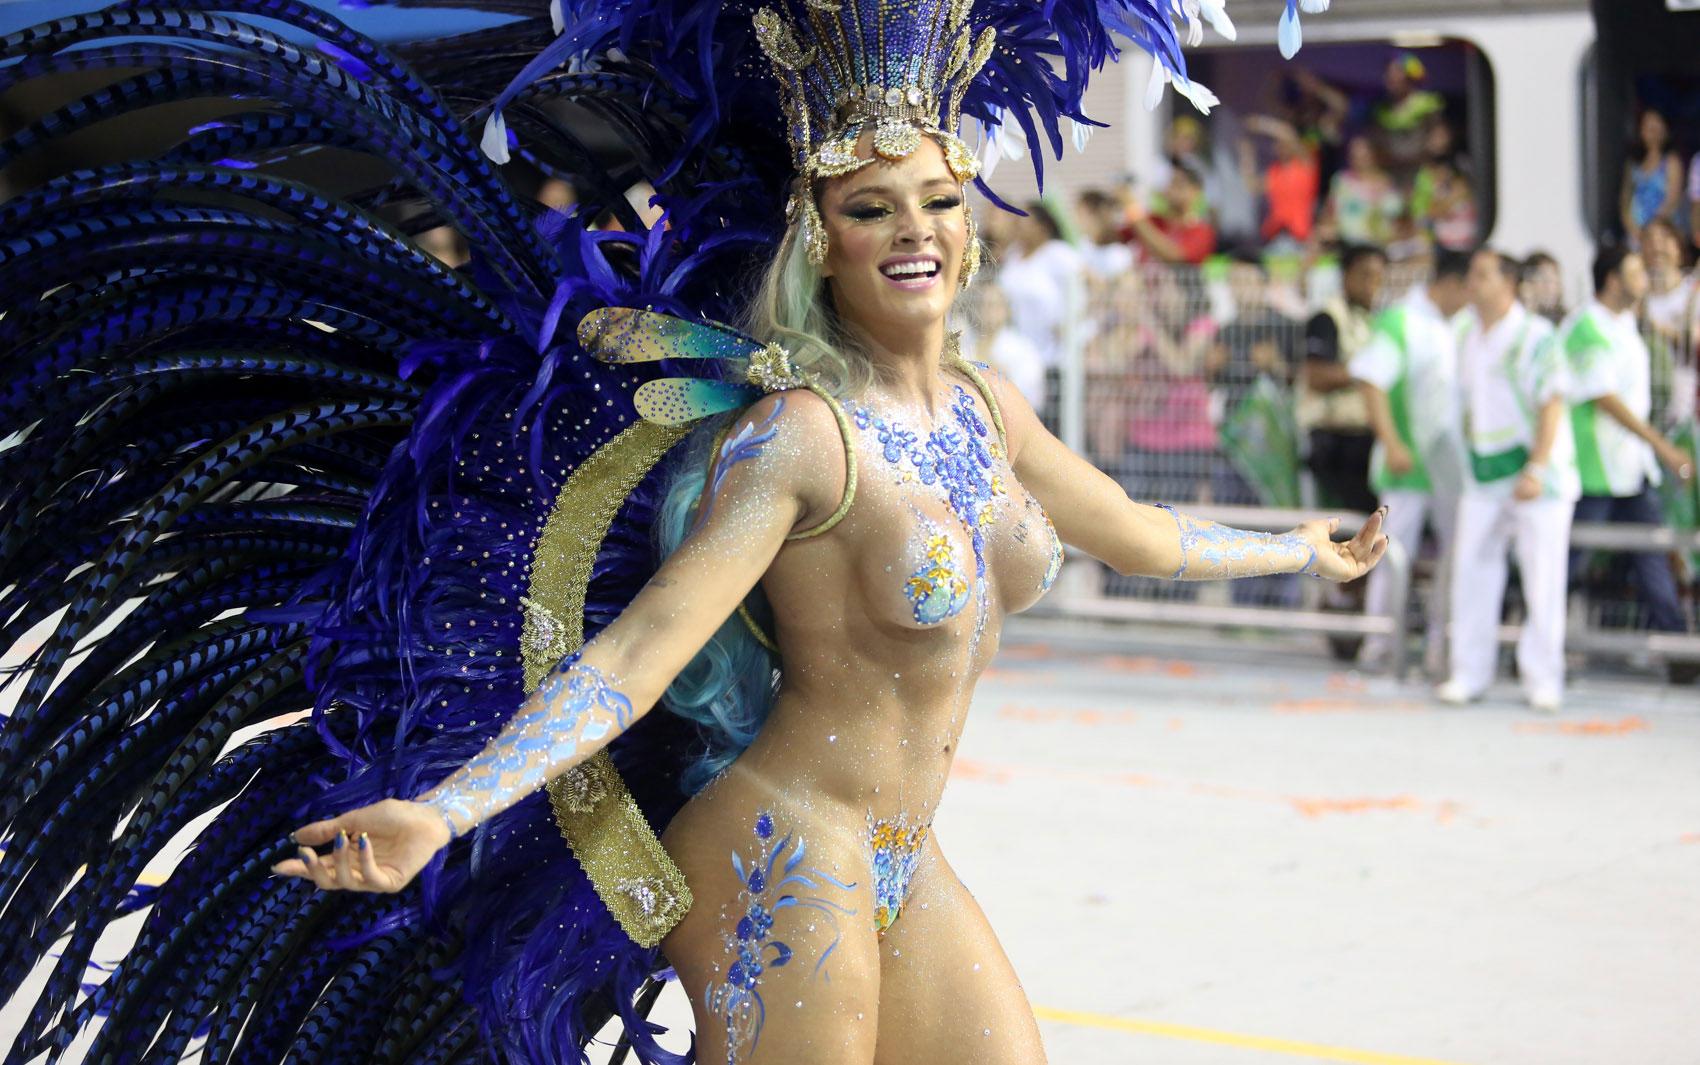 Фото бразильских голых танцовщиц 8 фотография